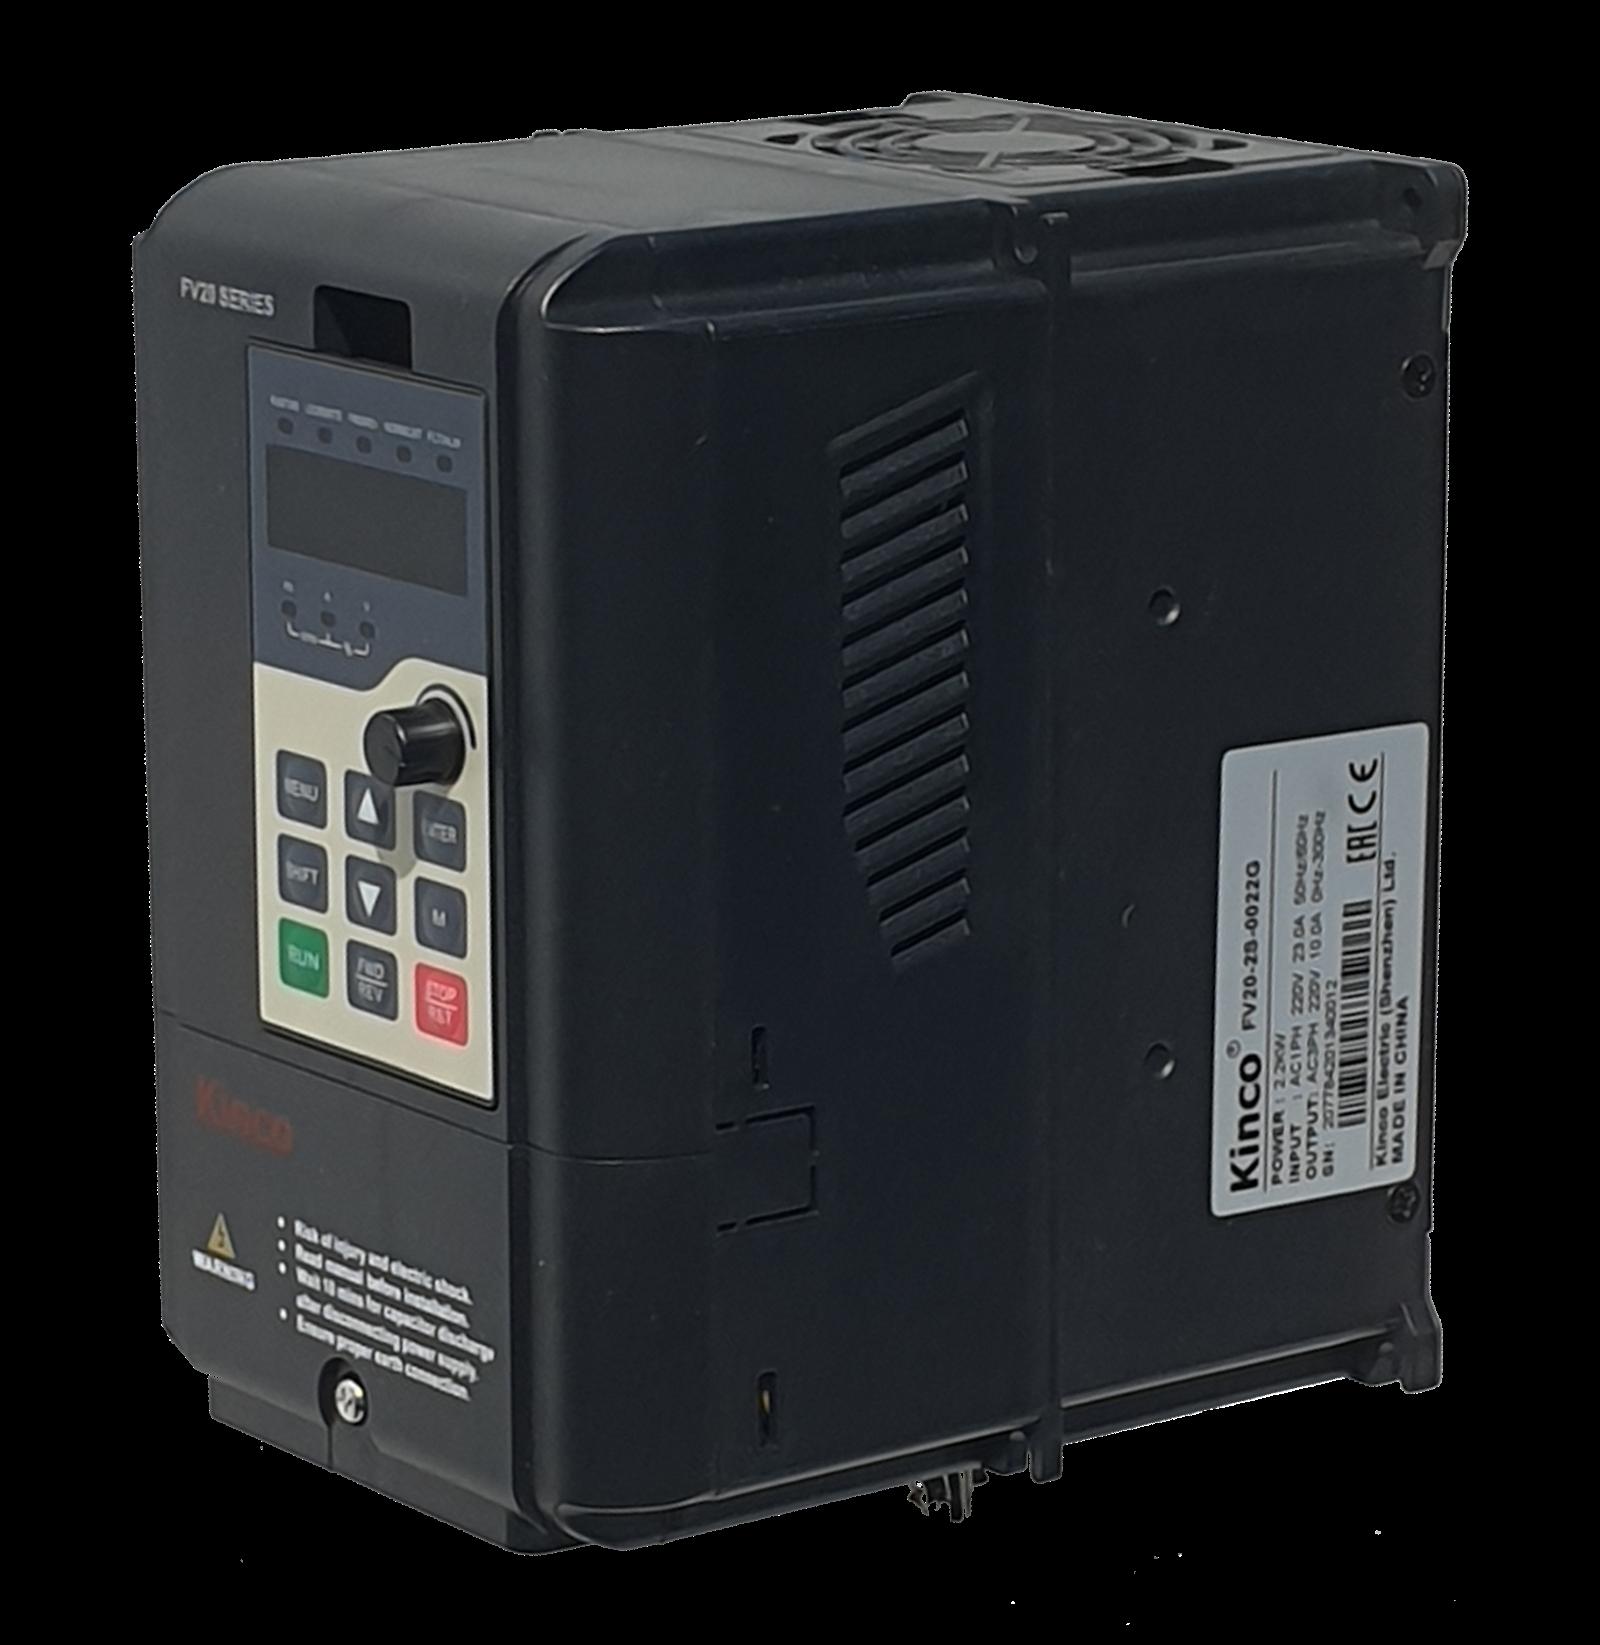 Kinco Frequenzumrichter FV20-2S-0022G (2,2 kW) einphasig 230 VAC